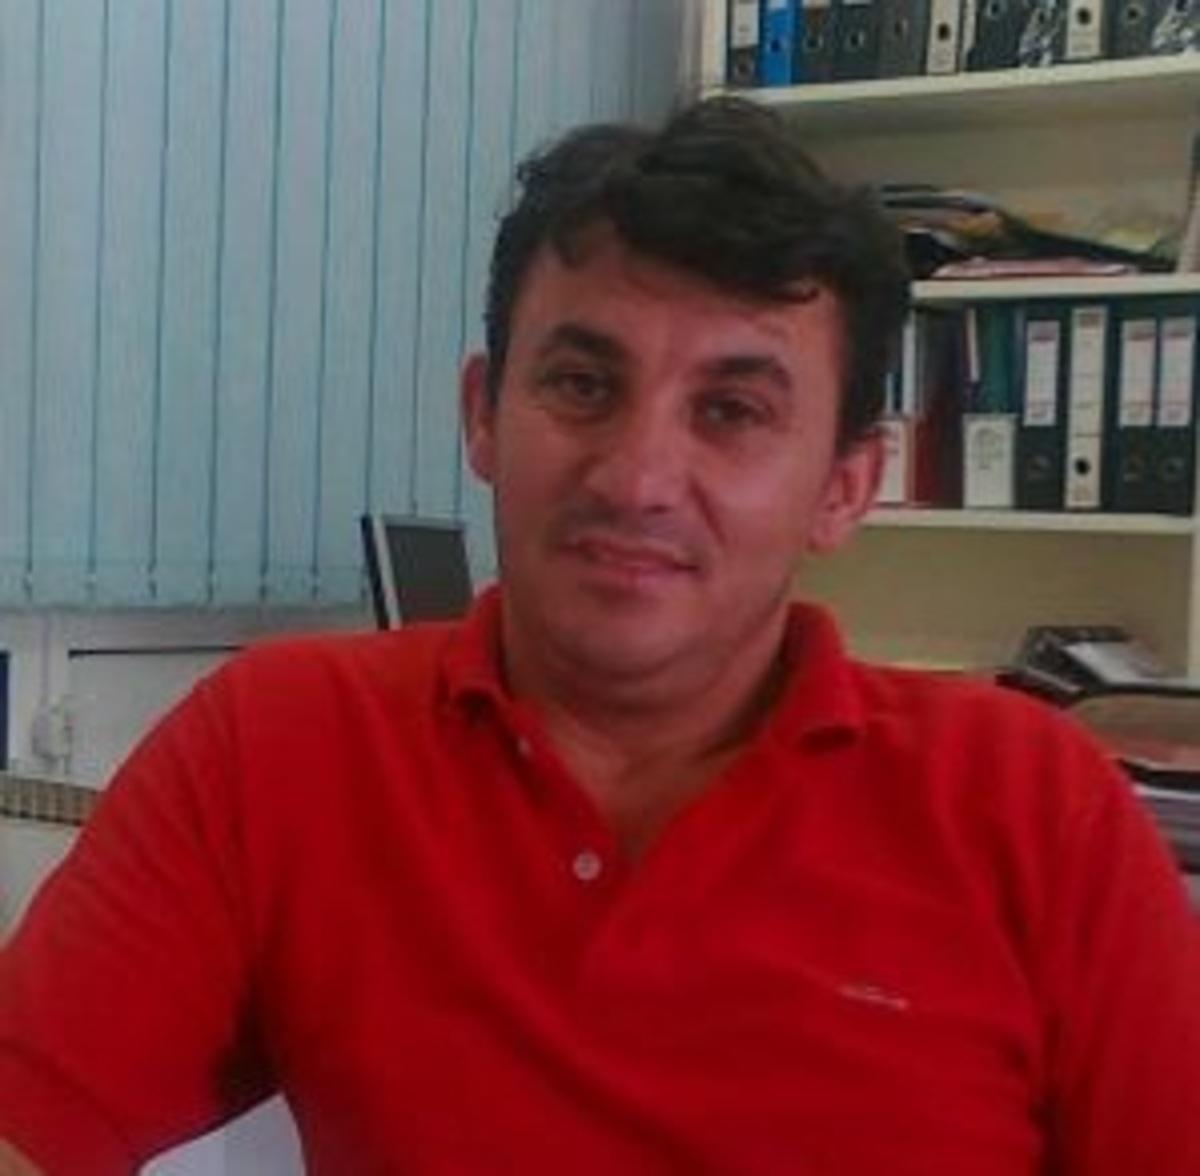 Τρίκαλα: Ο κάτοικος που »πολιορκείται» από κόμματα της Αλβανίας, για να κατέβει βουλευτής! | Newsit.gr